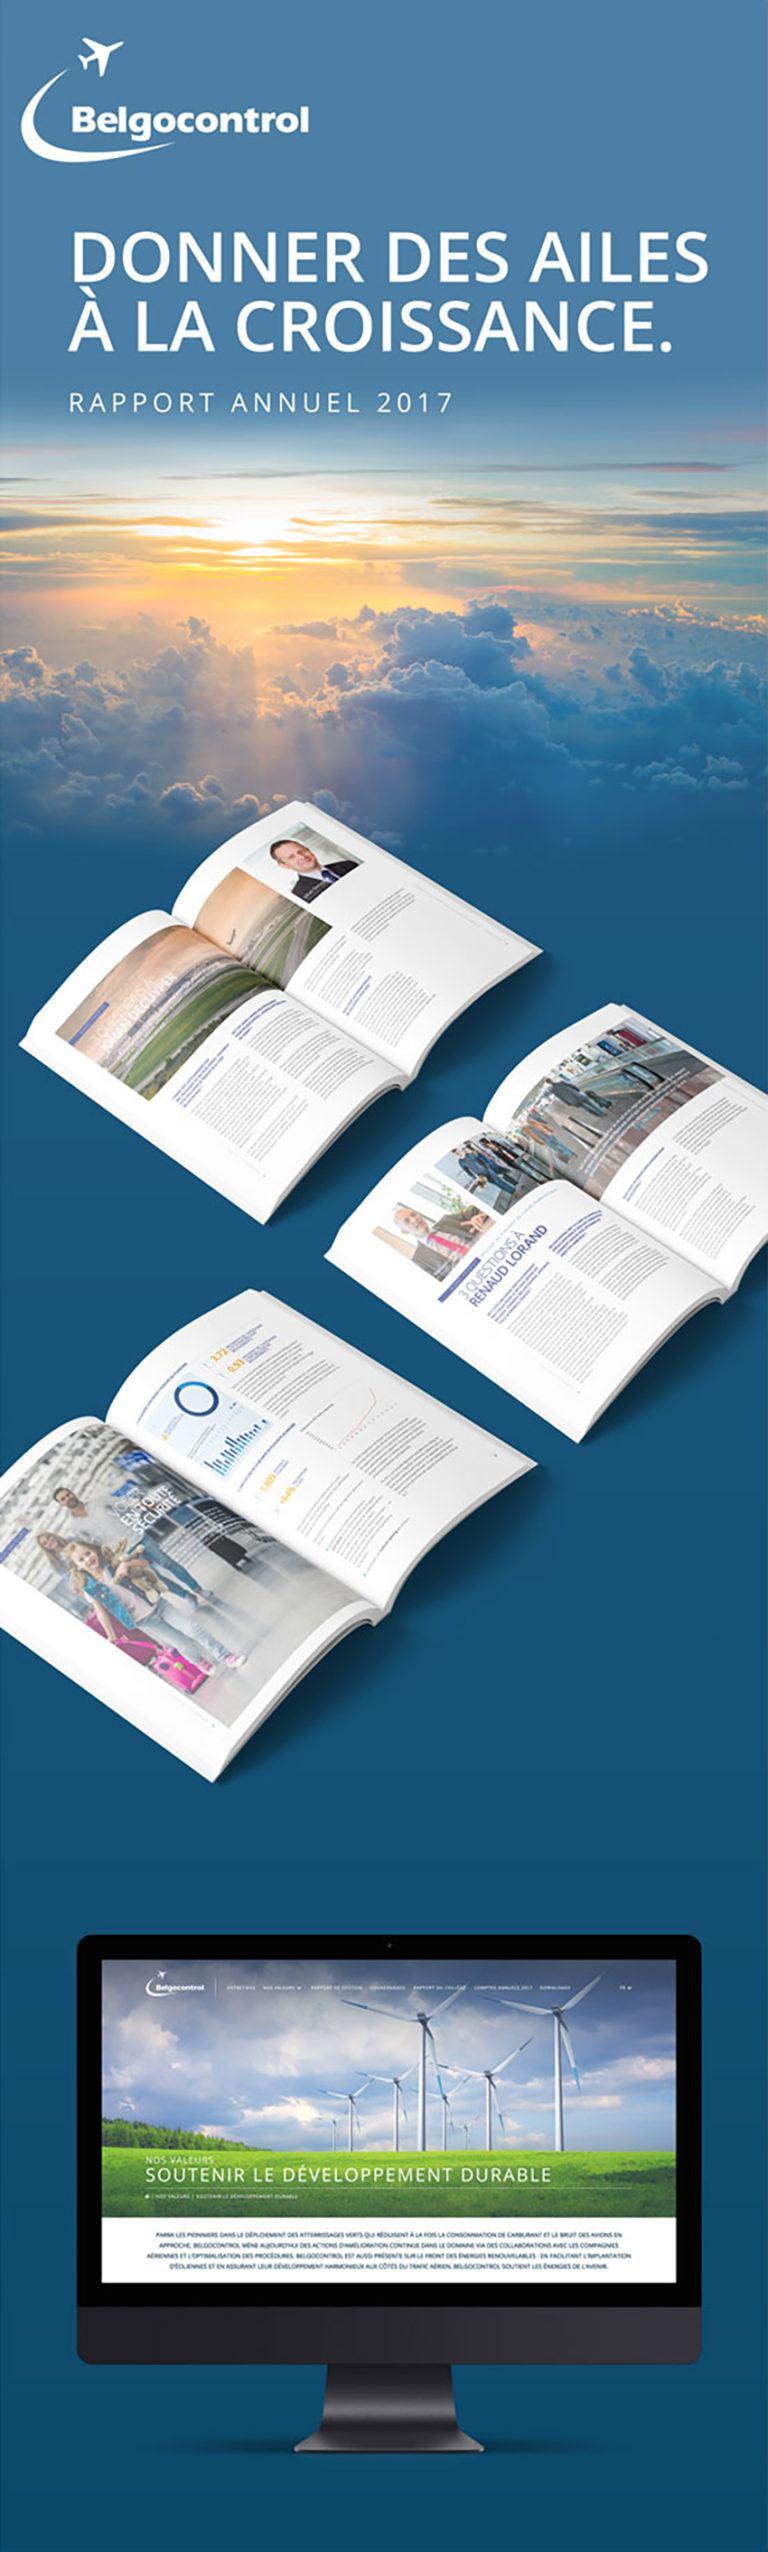 Belgocontrol Annual Report 2017